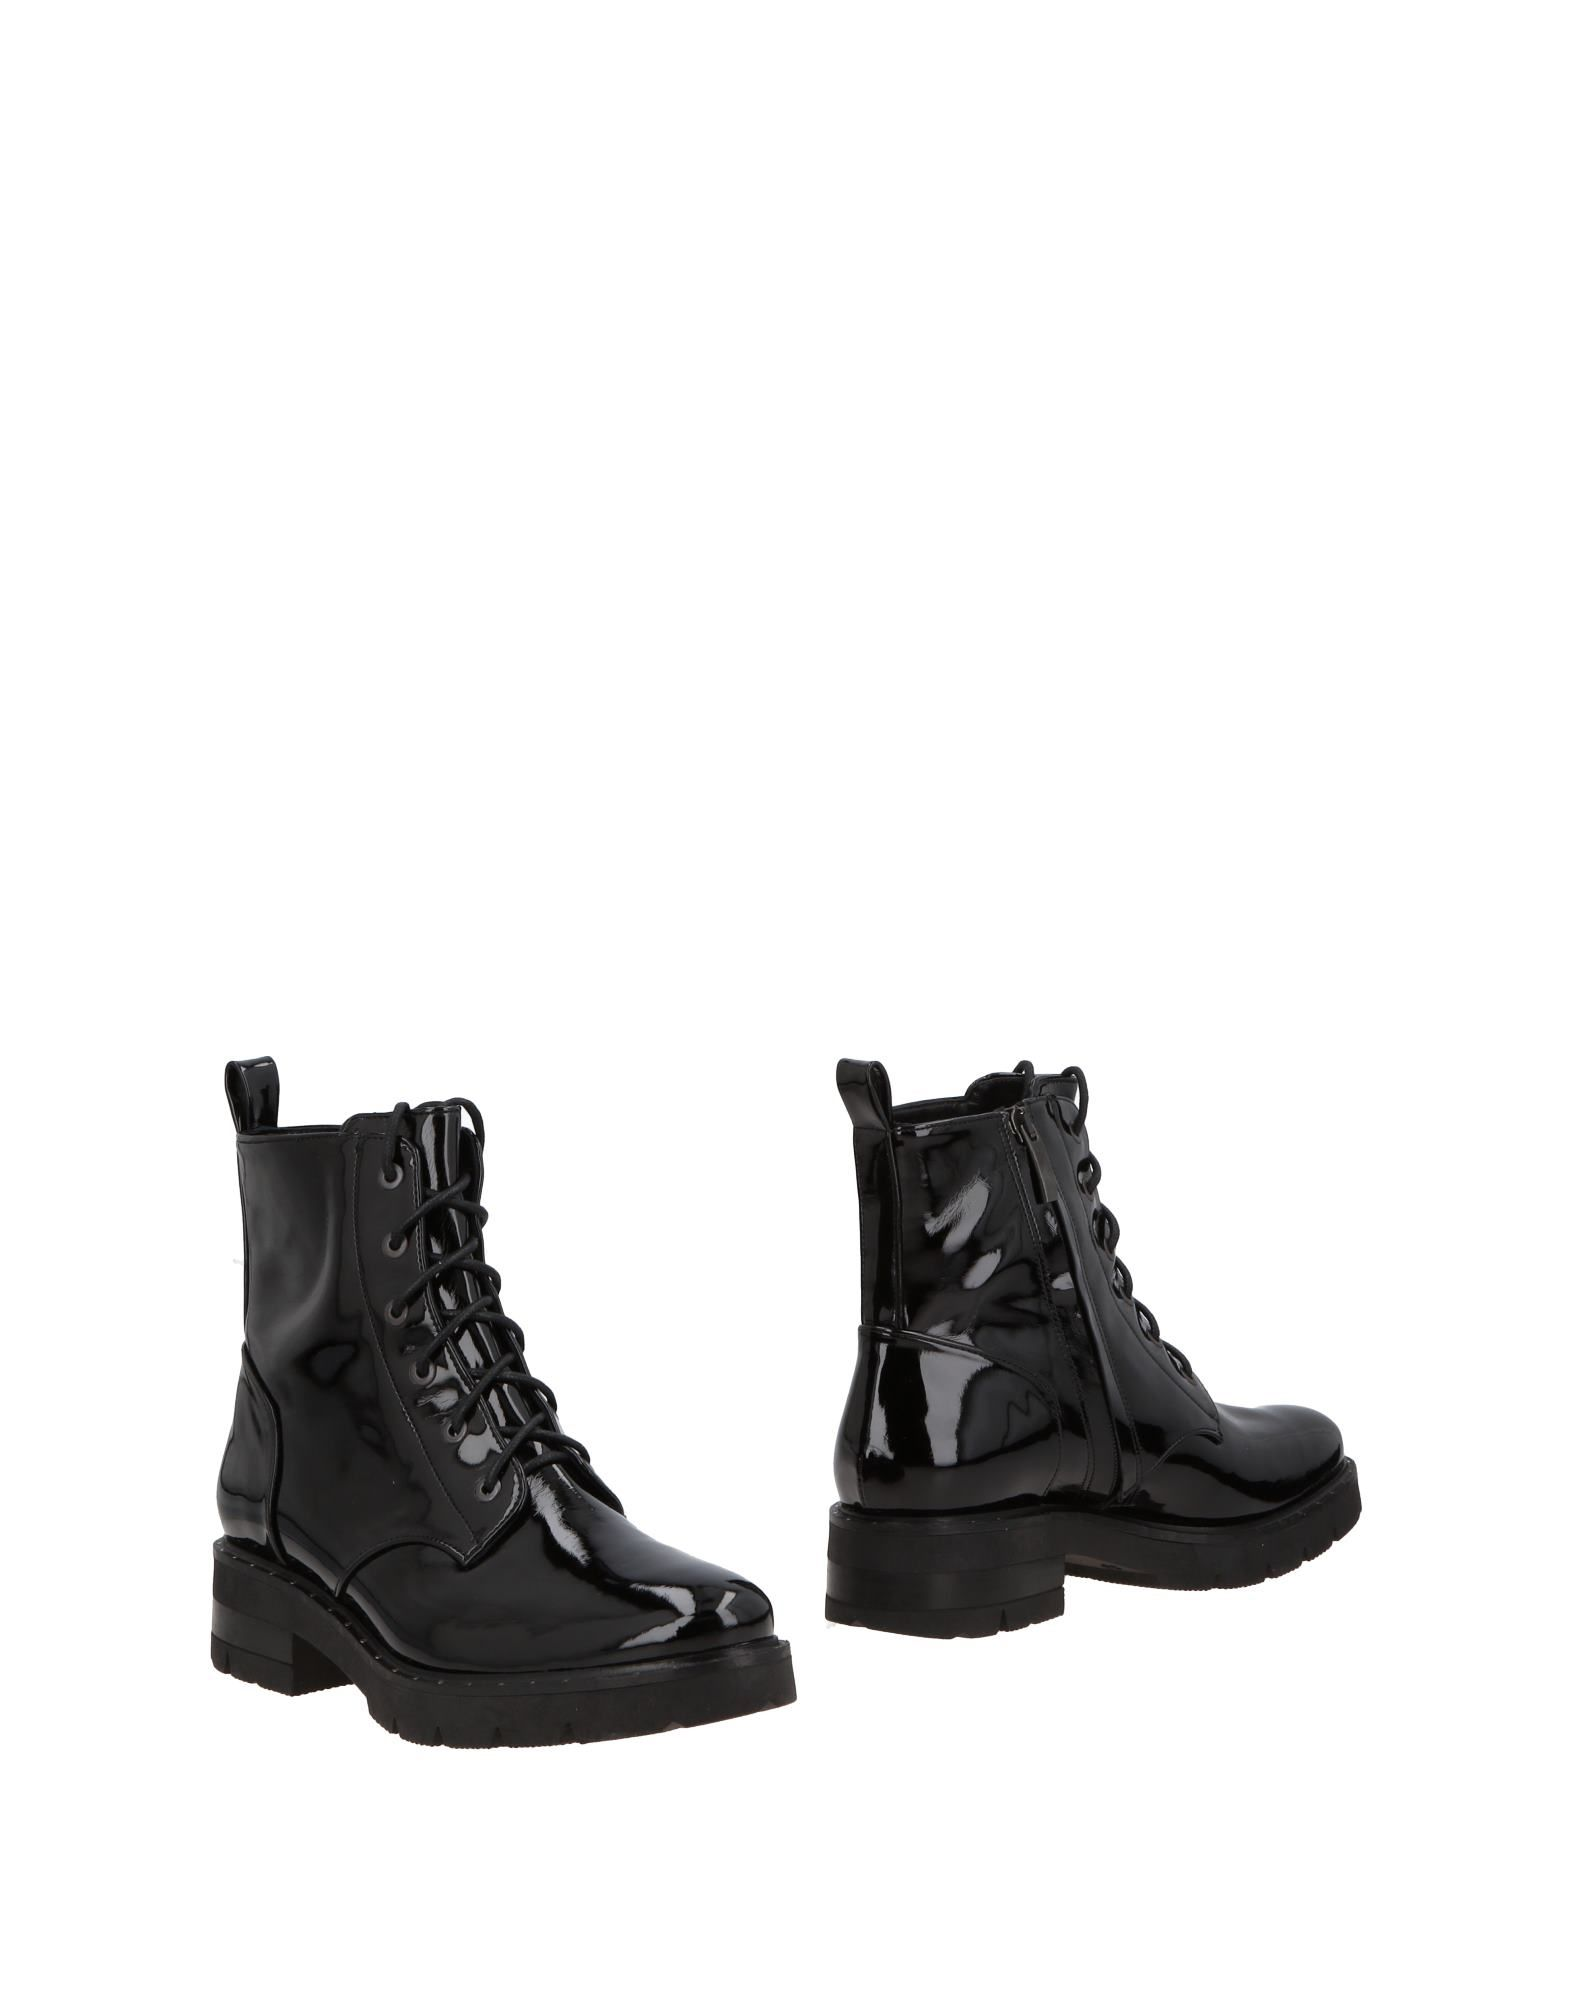 Lm Stiefelette Damen  11501149LM Gute Qualität beliebte Schuhe